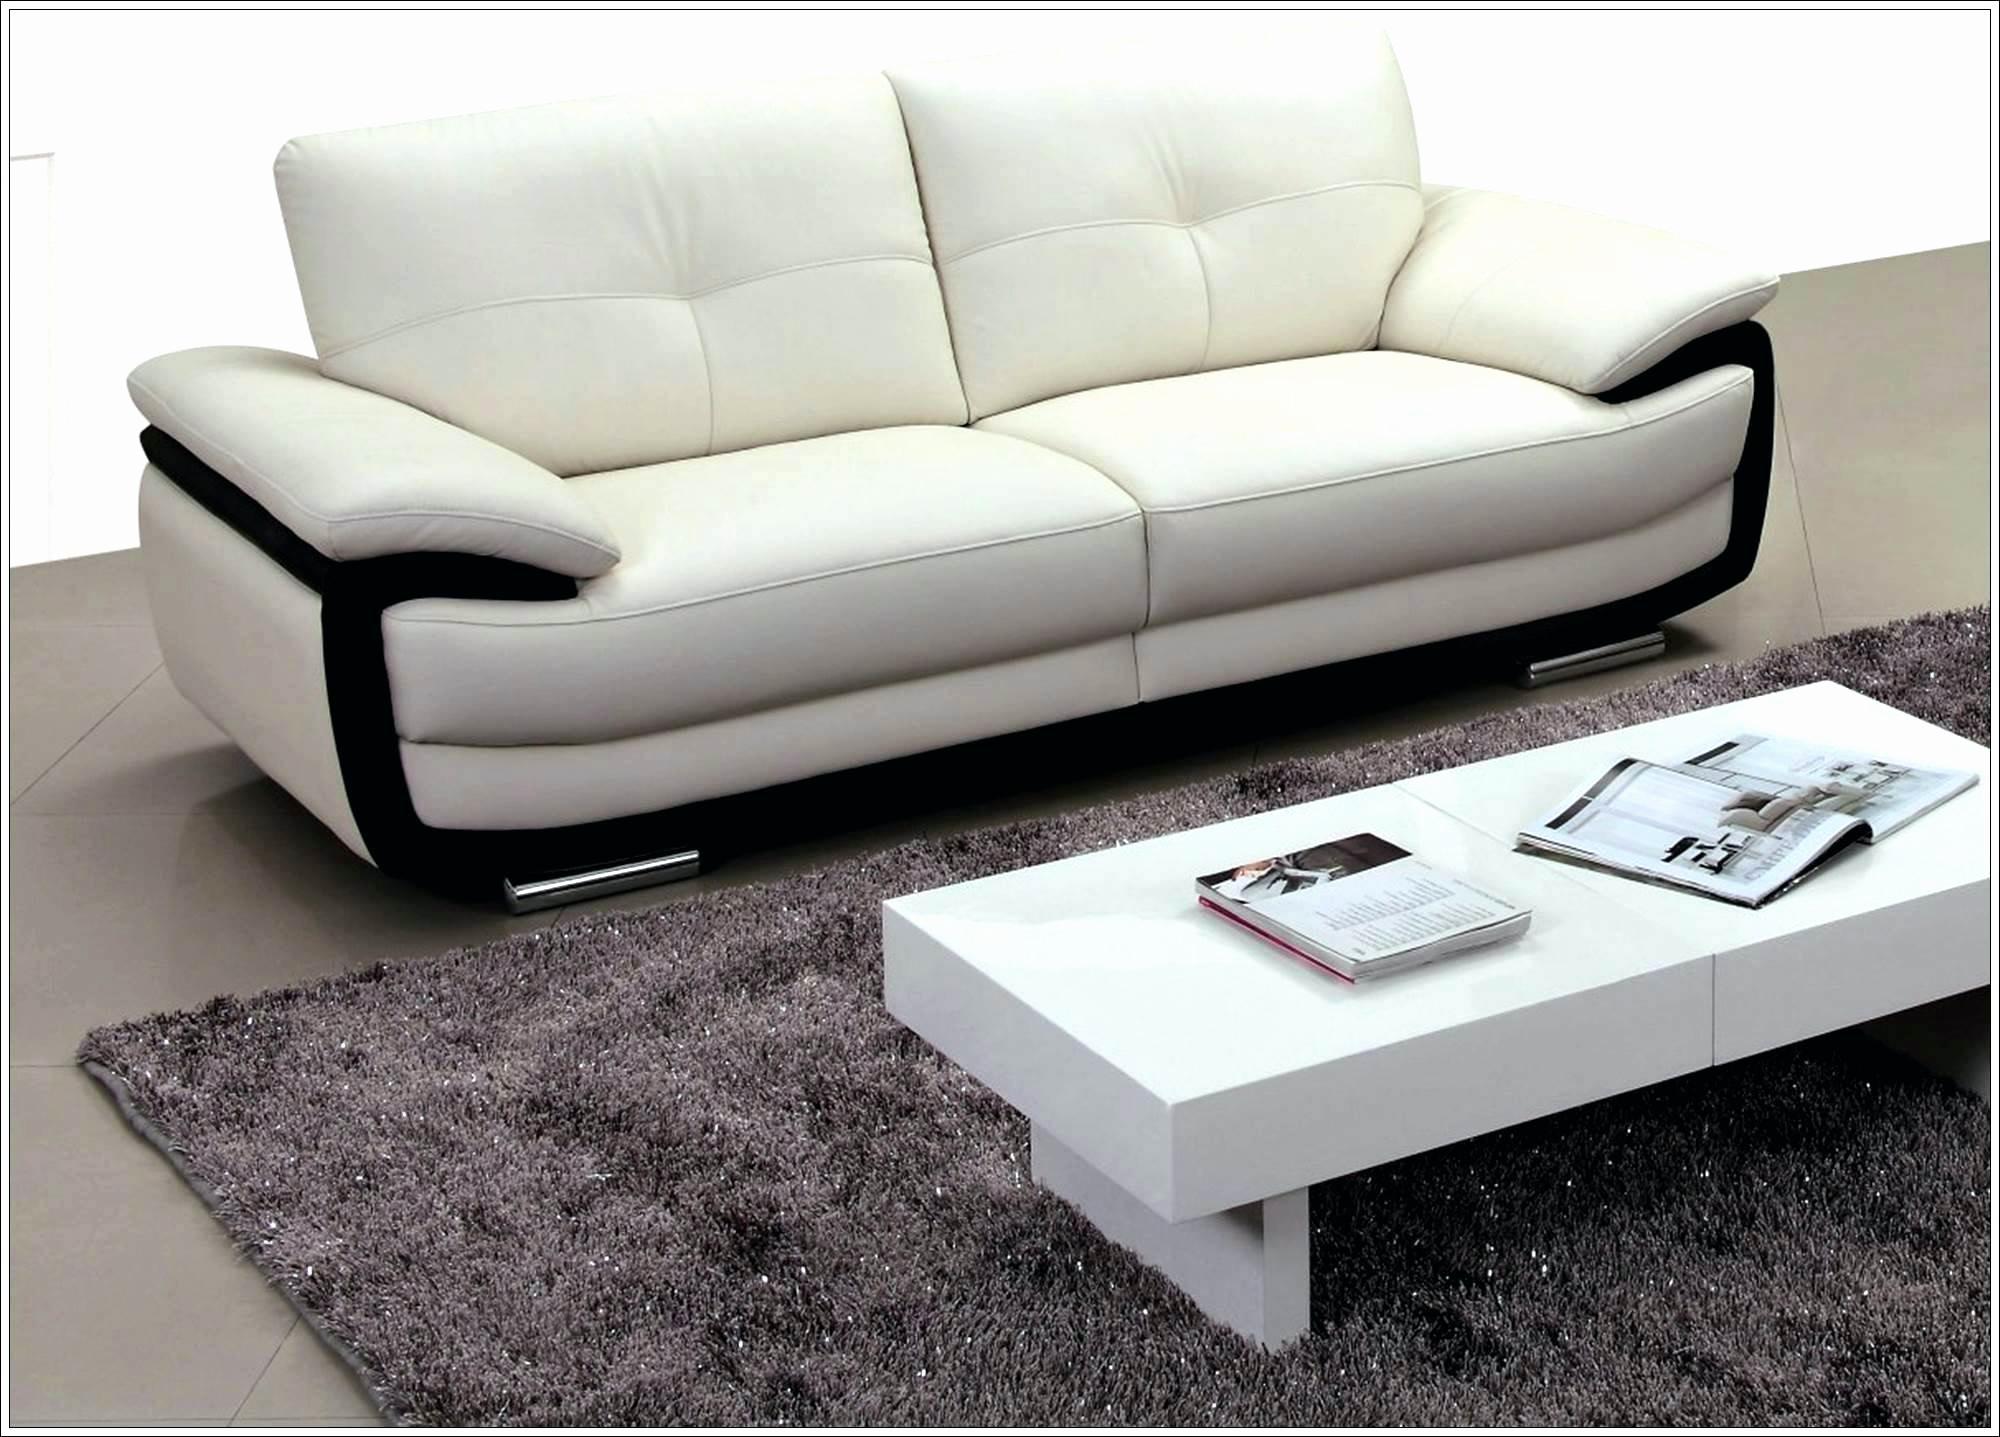 Canapé Simili Cuir but Unique Photographie Canap Convertible 3 Places Conforama 11 Lit 2 Pas Cher Ikea but